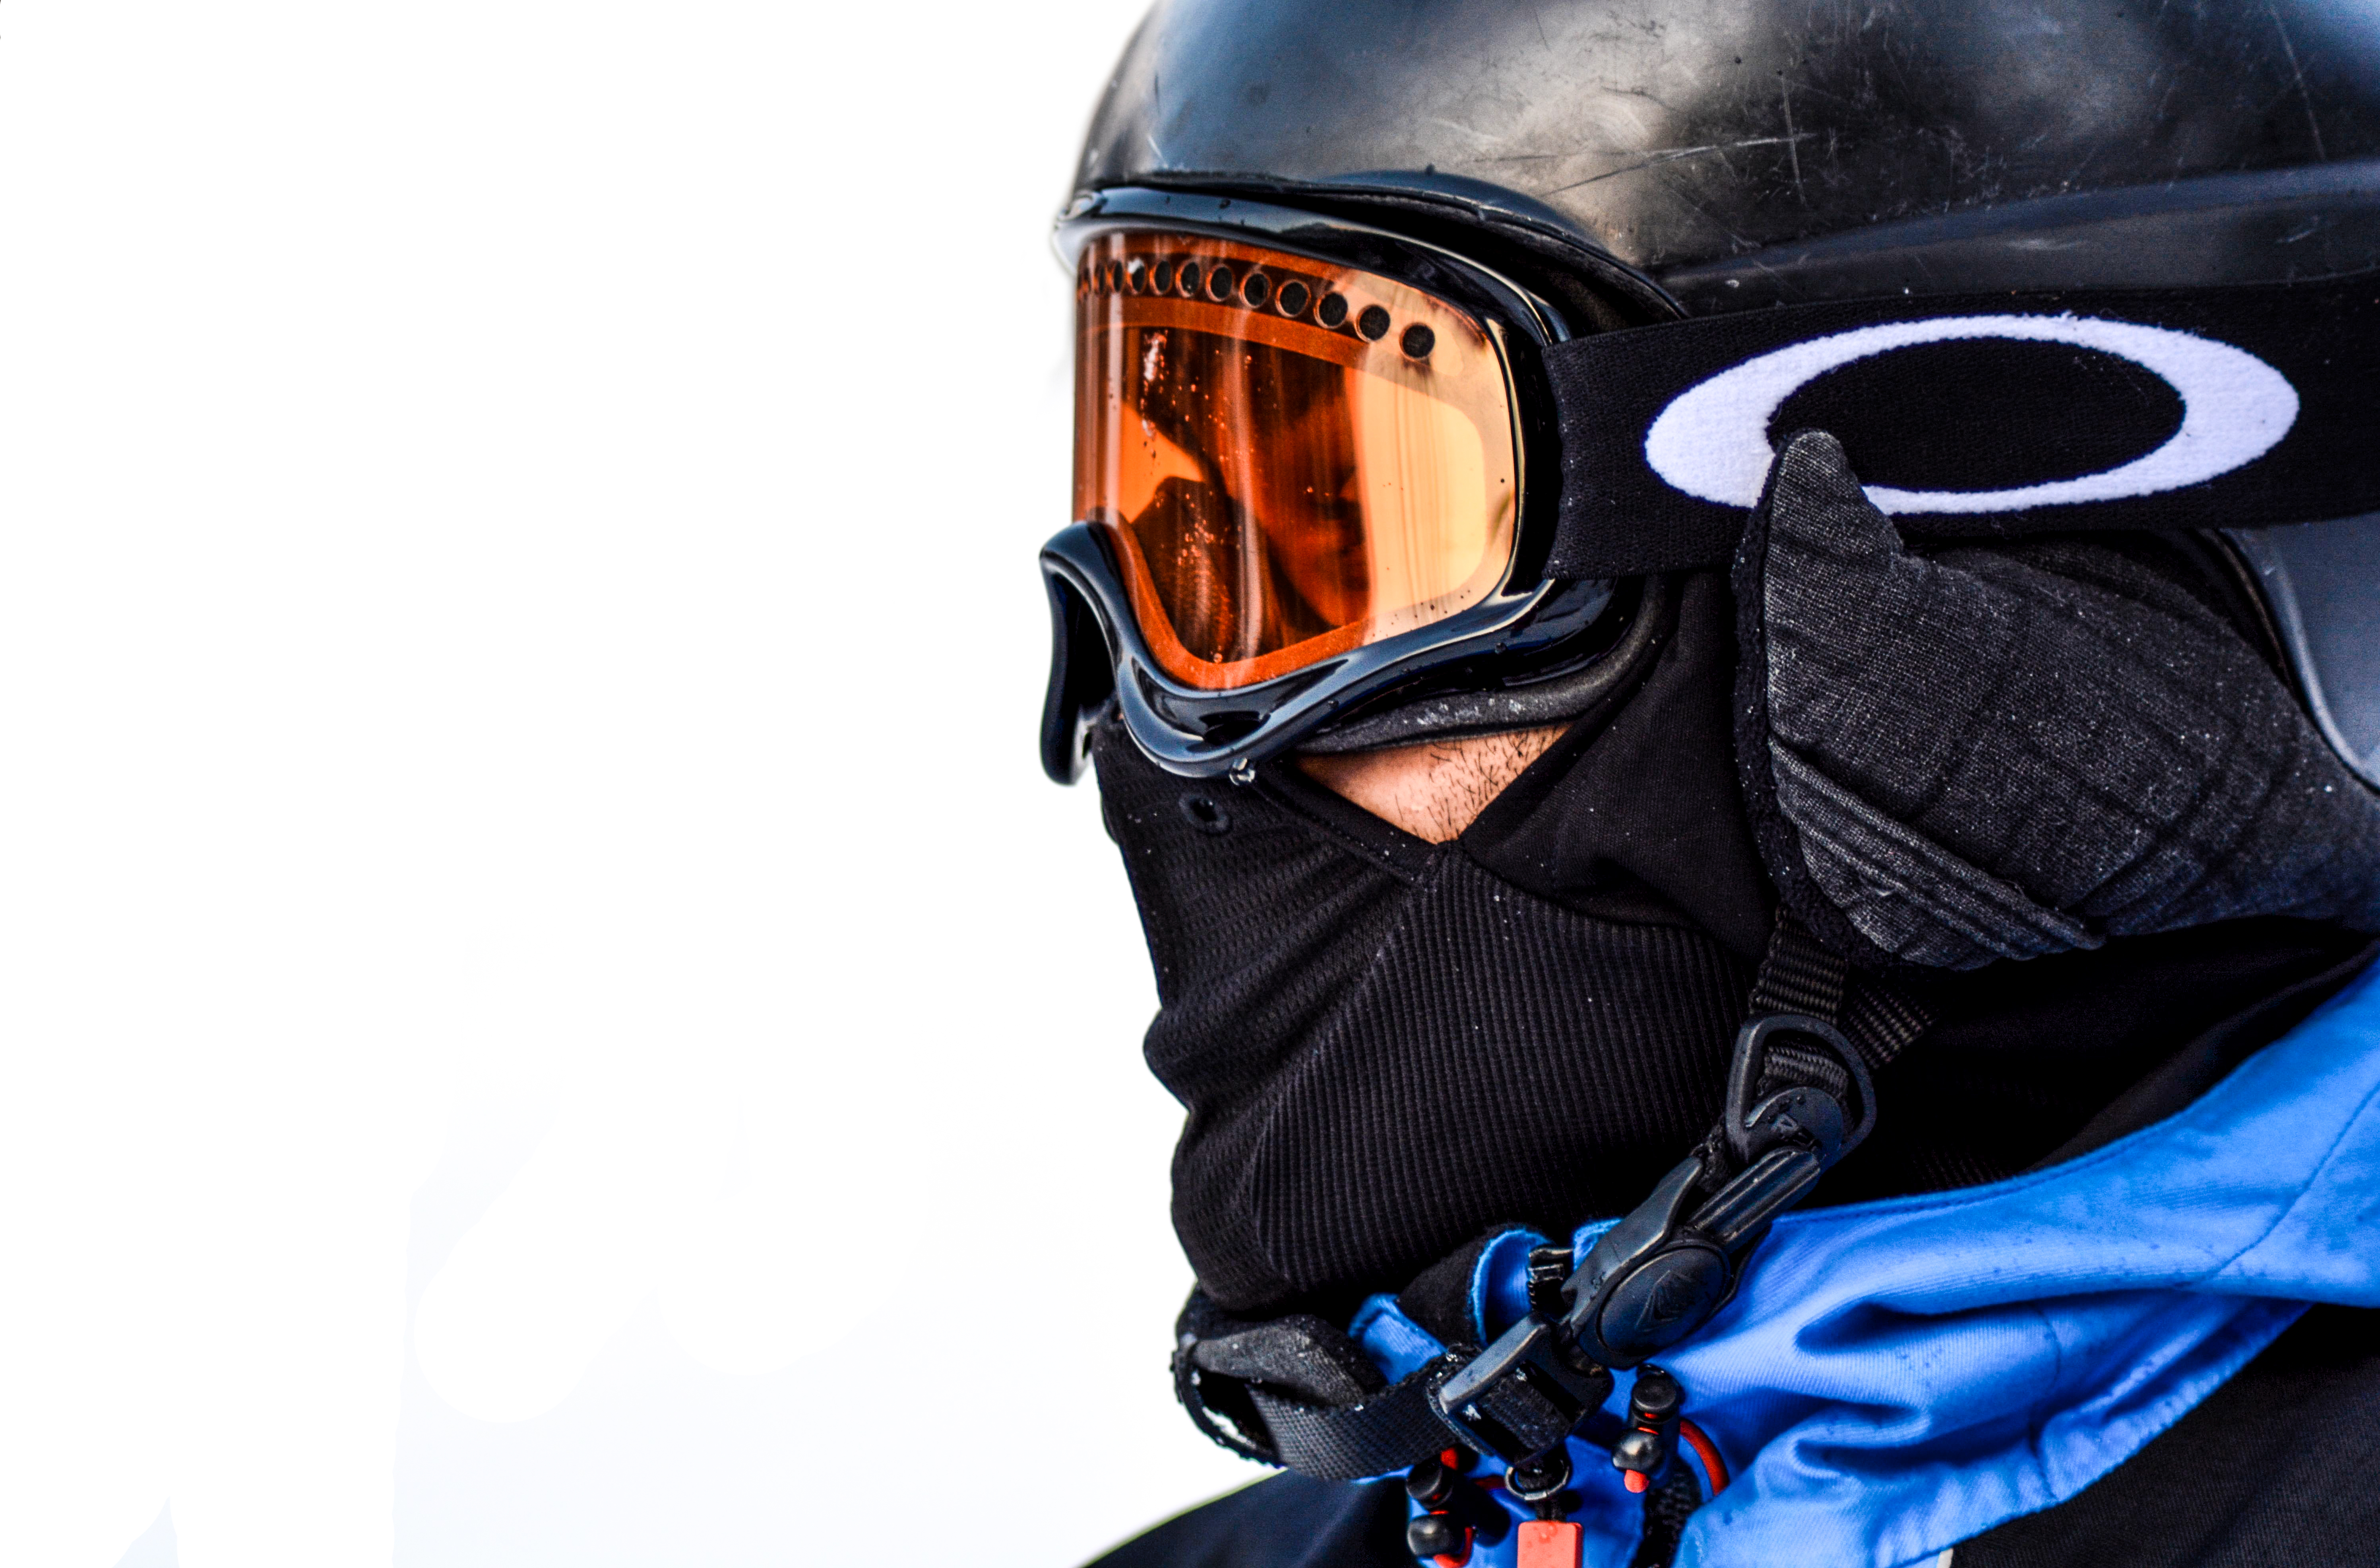 proteggere gli occhi dal freddo in inverno